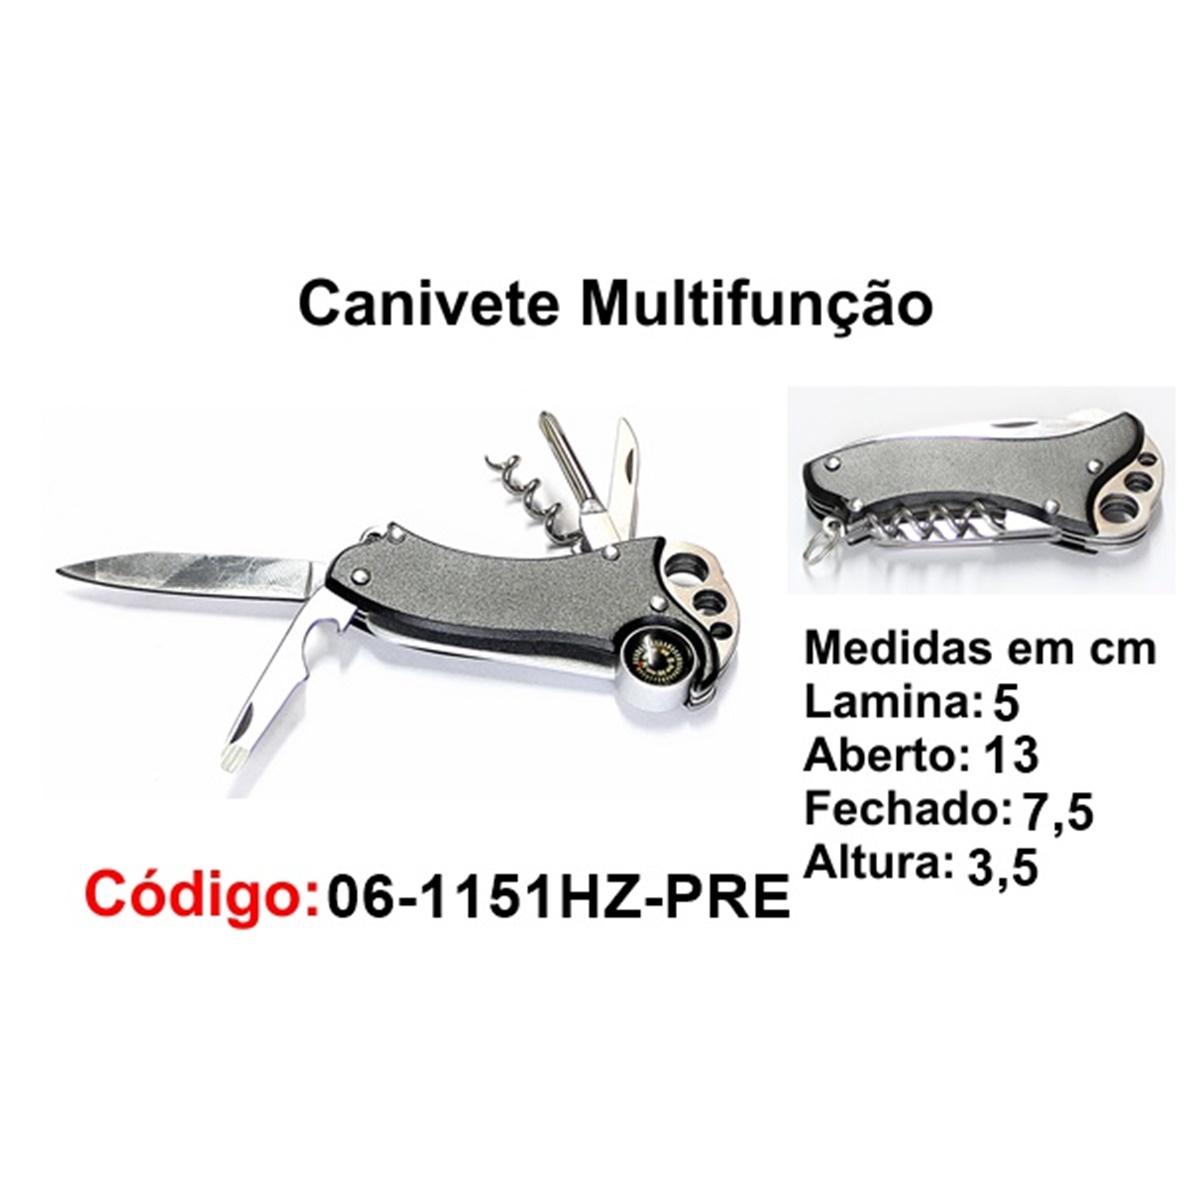 Canivete Multifunção Esportivo Caça Pesca Etc. 06-1151HZ-PRE